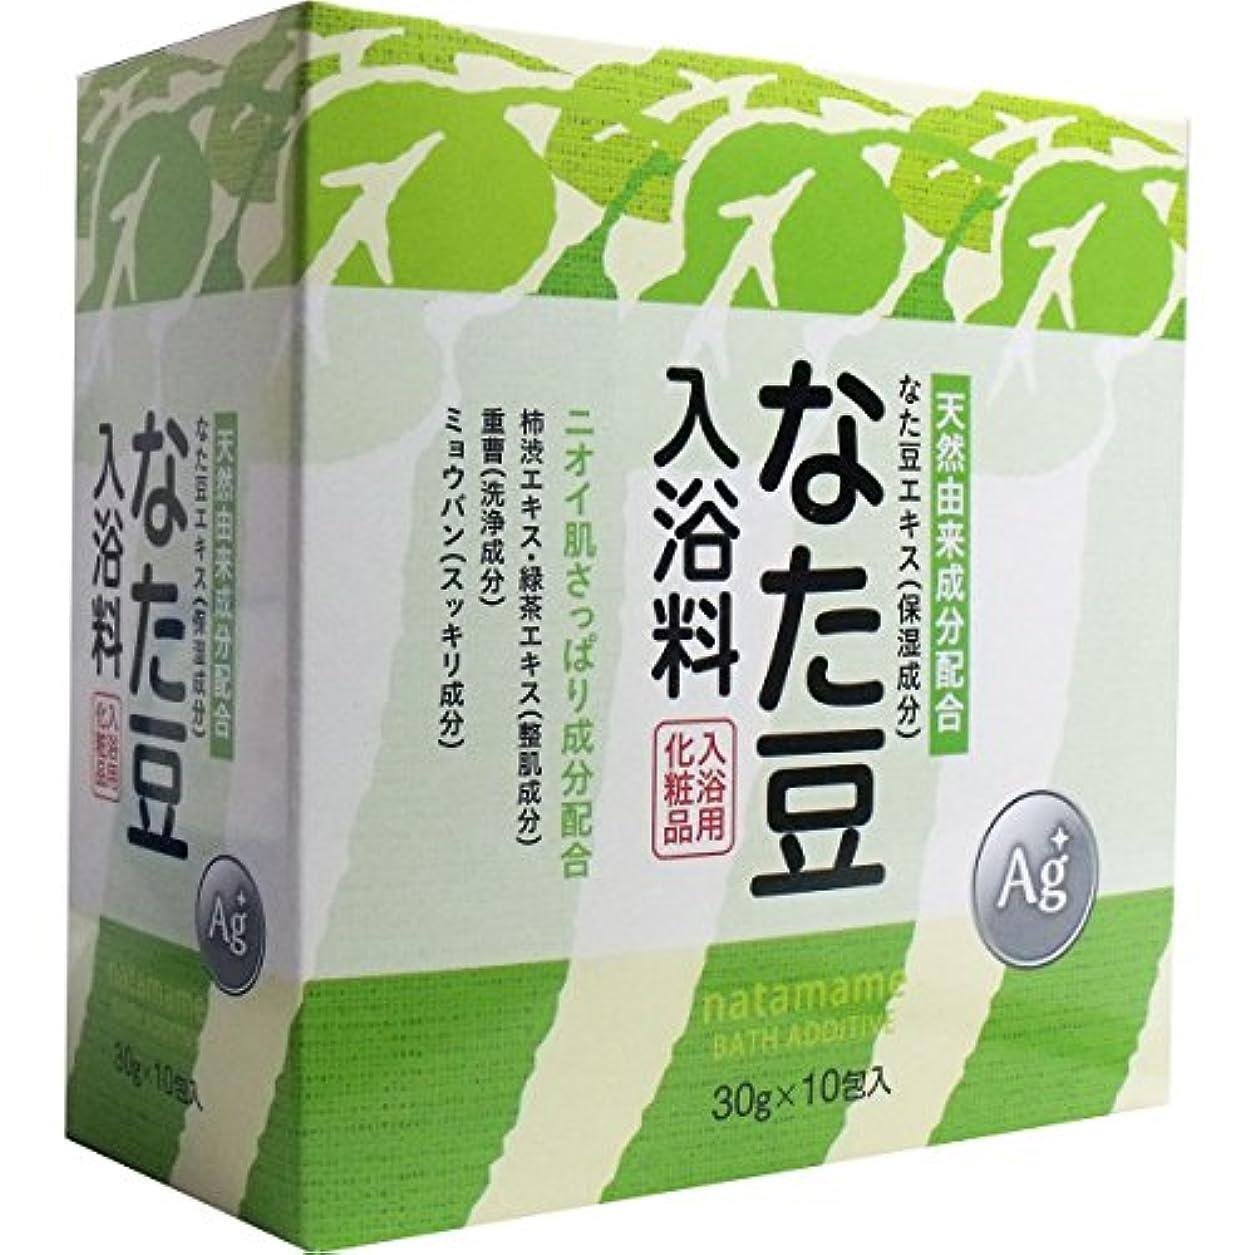 さておきもっとパラシュートなた豆入浴料 入浴用化粧品 30g×10包入×8